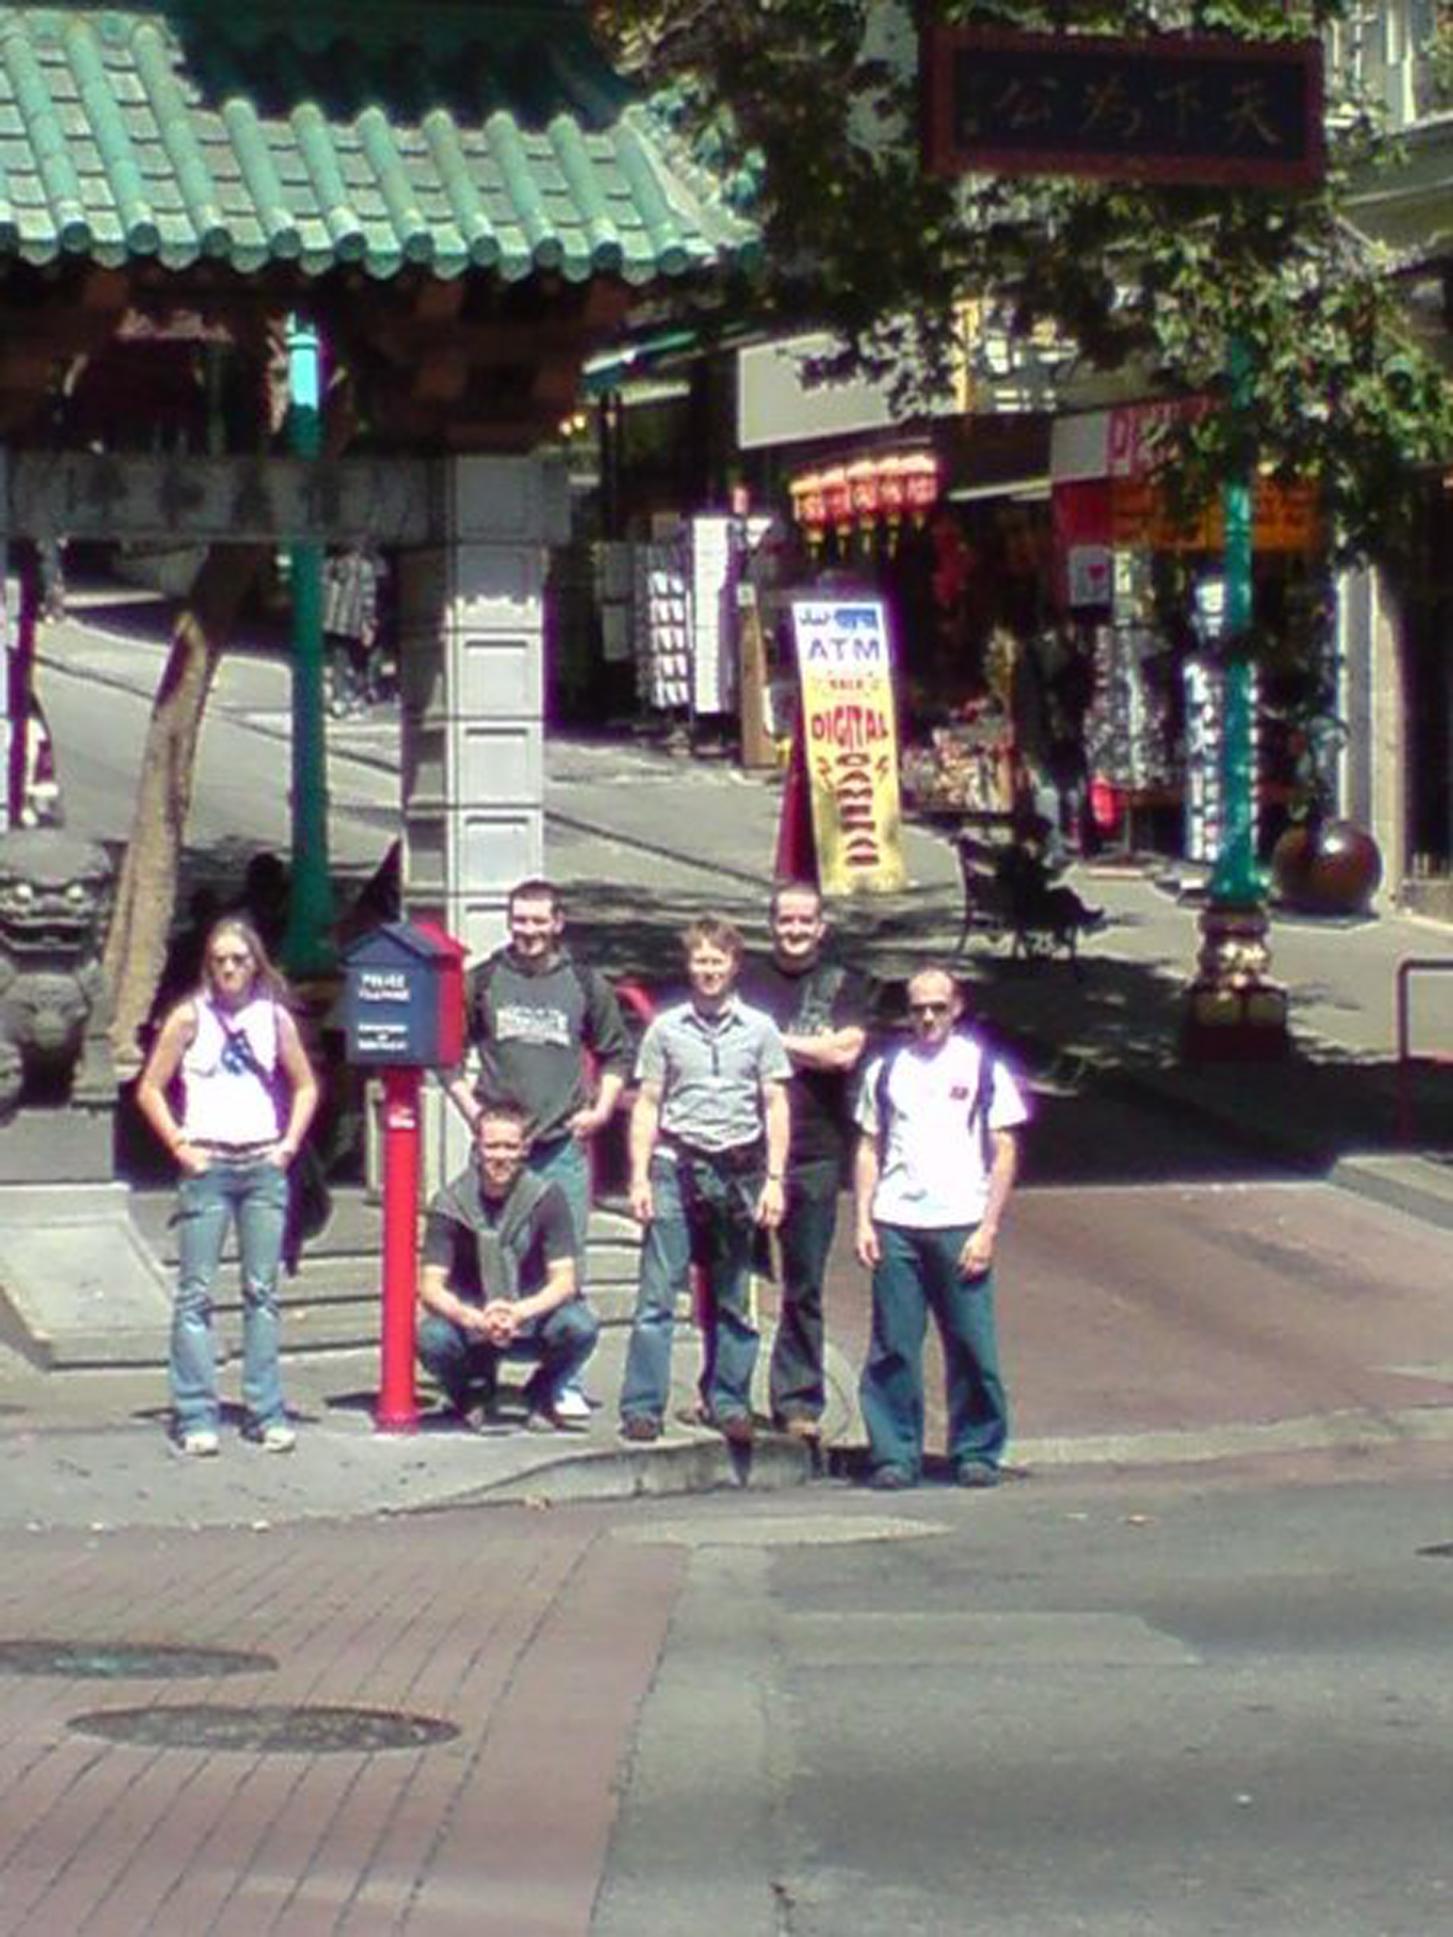 choy li fut kung fu China town SF.jpg